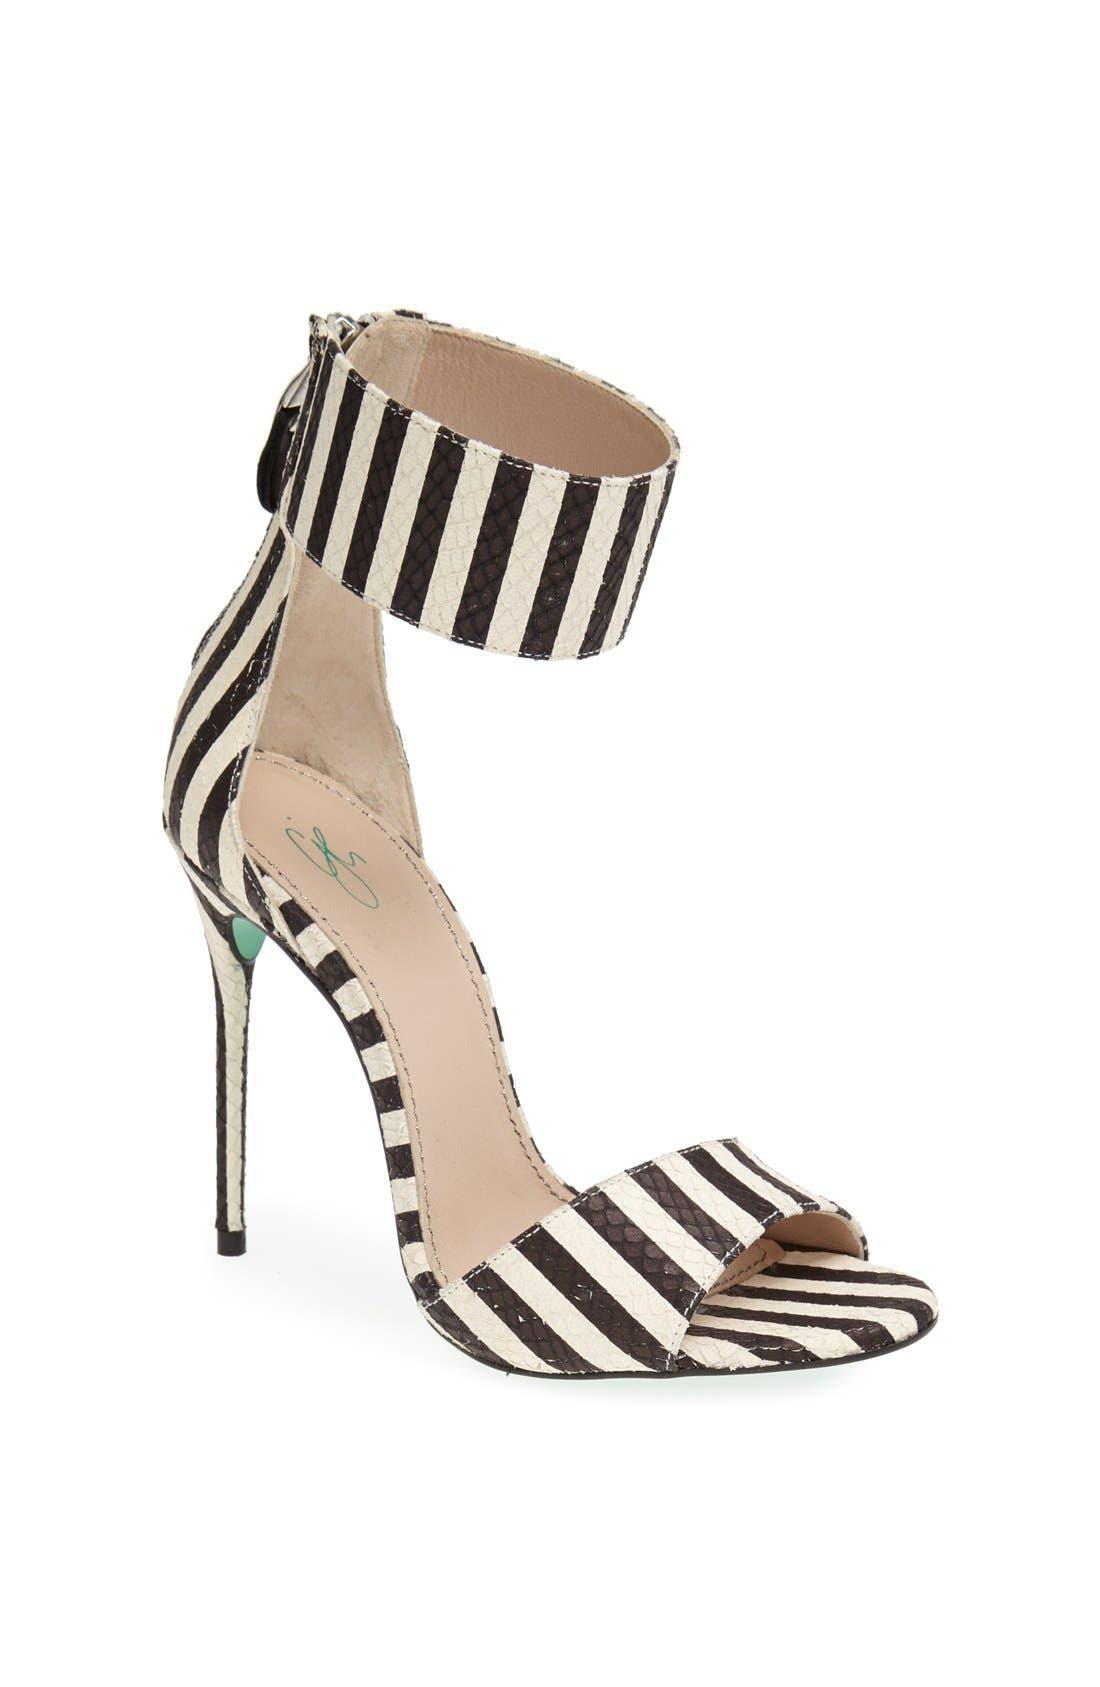 Main Image - CJG 'Malibu' Sandal